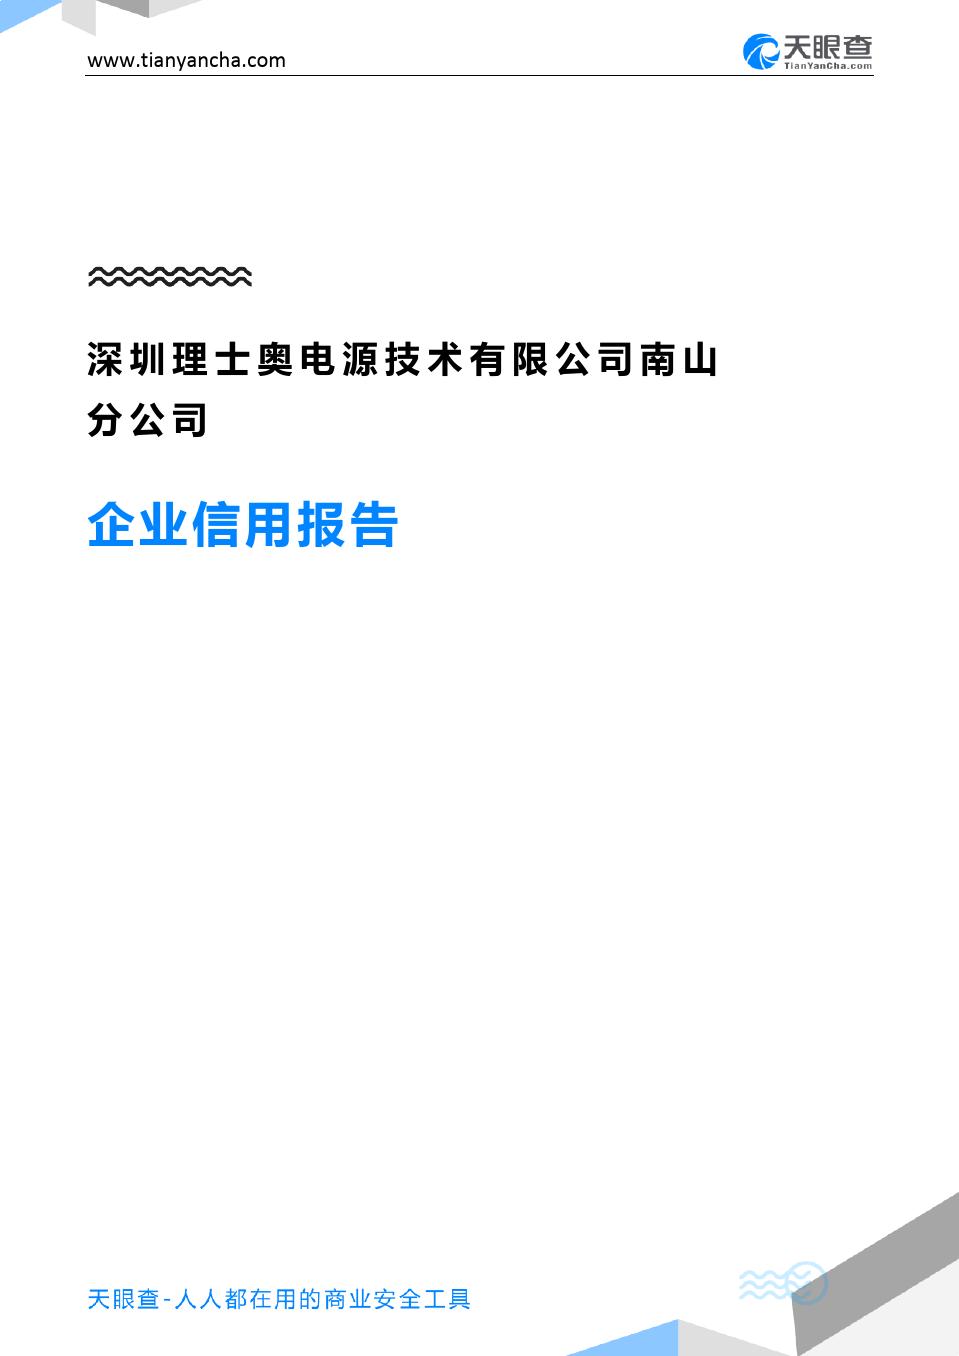 深圳理士奥电源技术有限公司南山分公司企业信用报告-天眼查